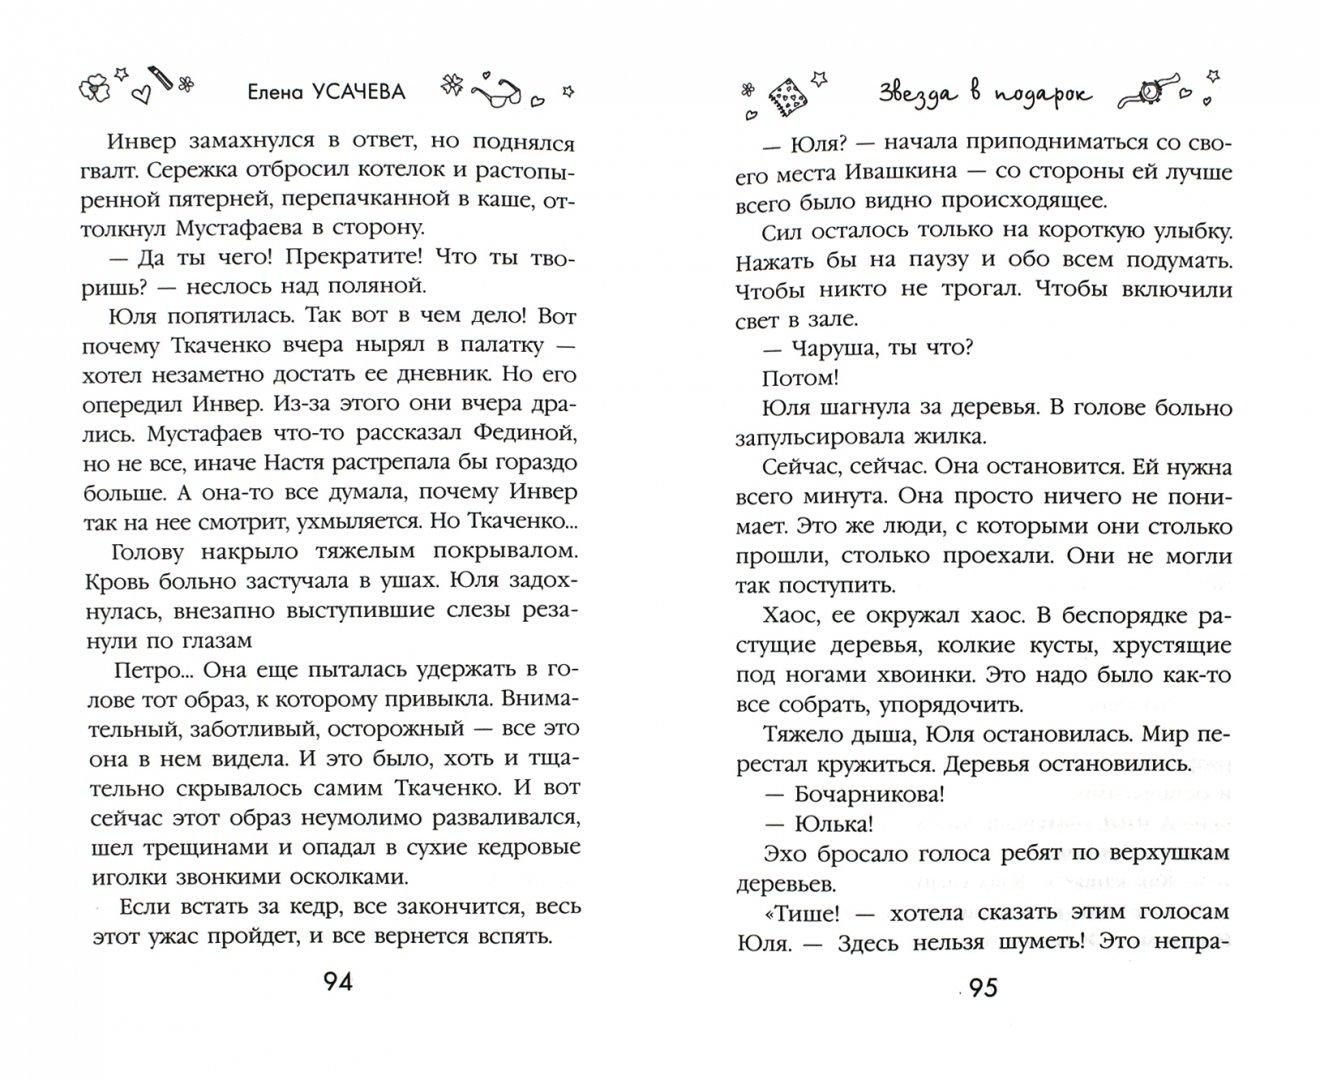 Иллюстрация 1 из 8 для Звезда в подарок - Елена Усачева | Лабиринт - книги. Источник: Лабиринт